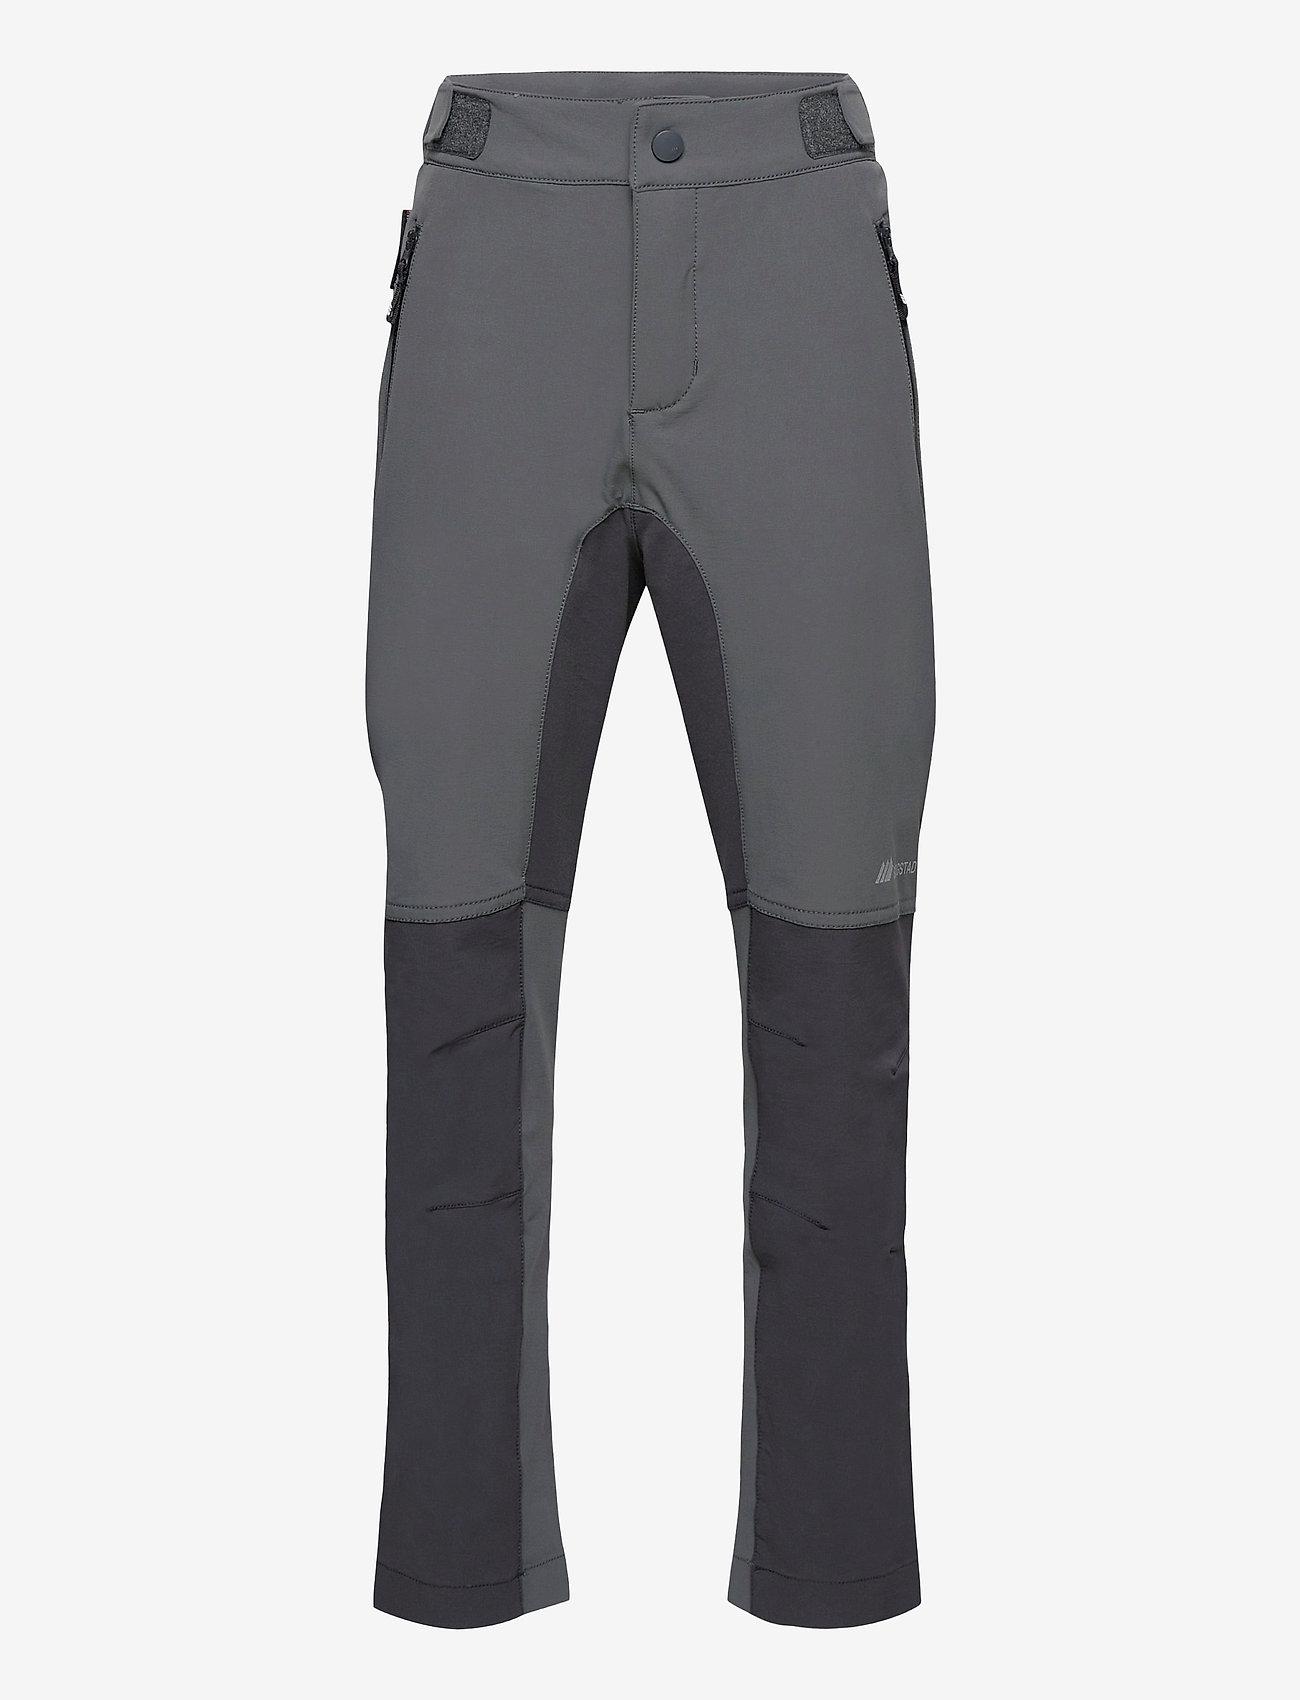 Skogstad - Tinden hiking trousers - underdele - dark grey - 0